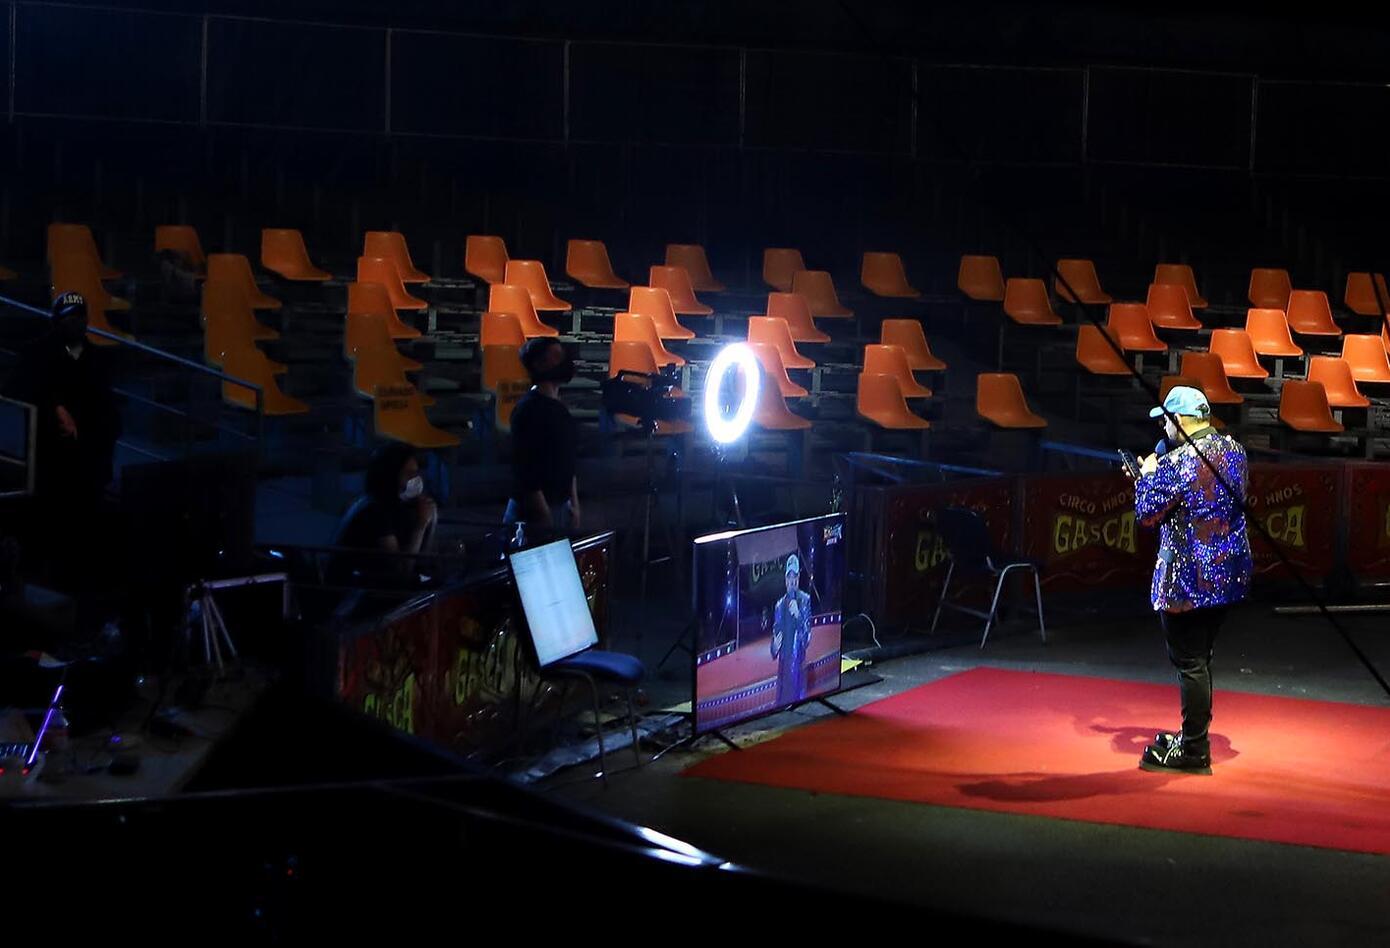 El circo se reinventa: adelantan funciones a través de Internet y redes sociales.